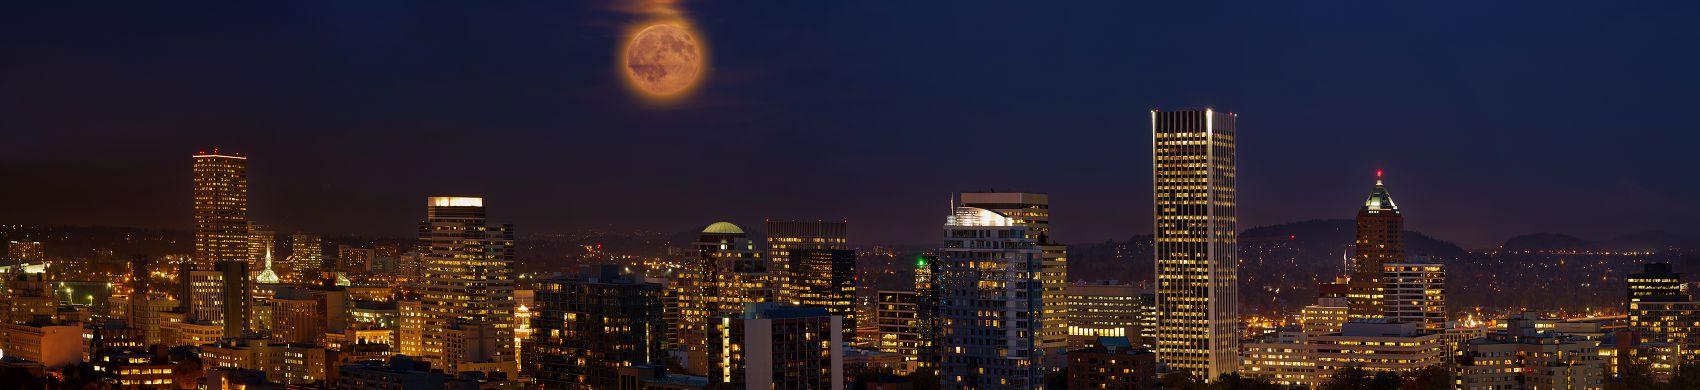 Жёлтая луна над ночным городом